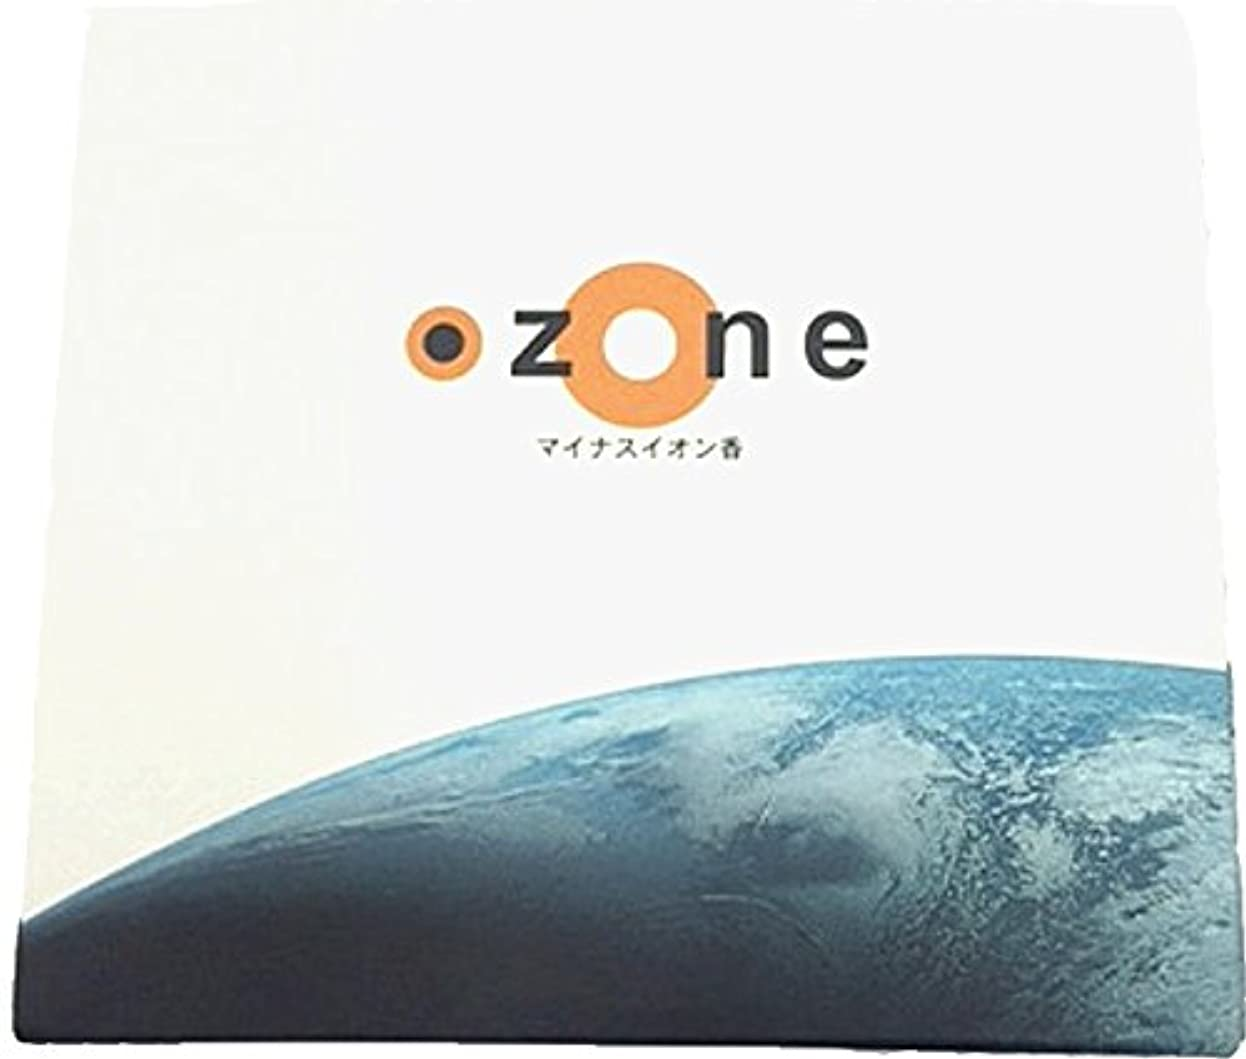 に変わるとして提供された悠々庵 OZONE 箱型 ホワイトムスク